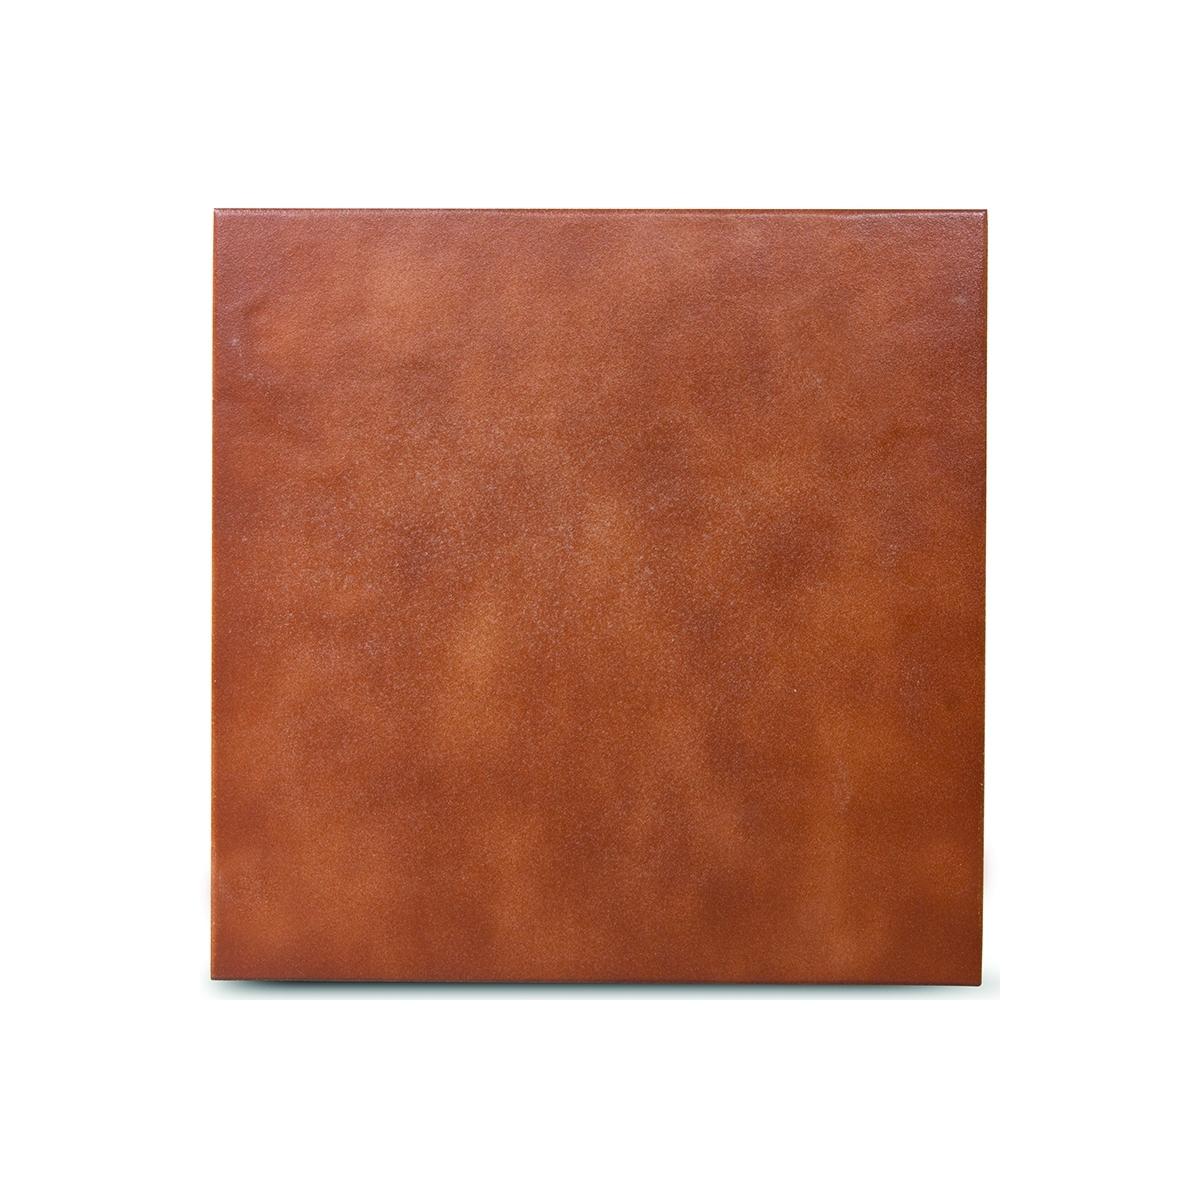 Cotto 33.3x33.3 (caja de 1 m2)